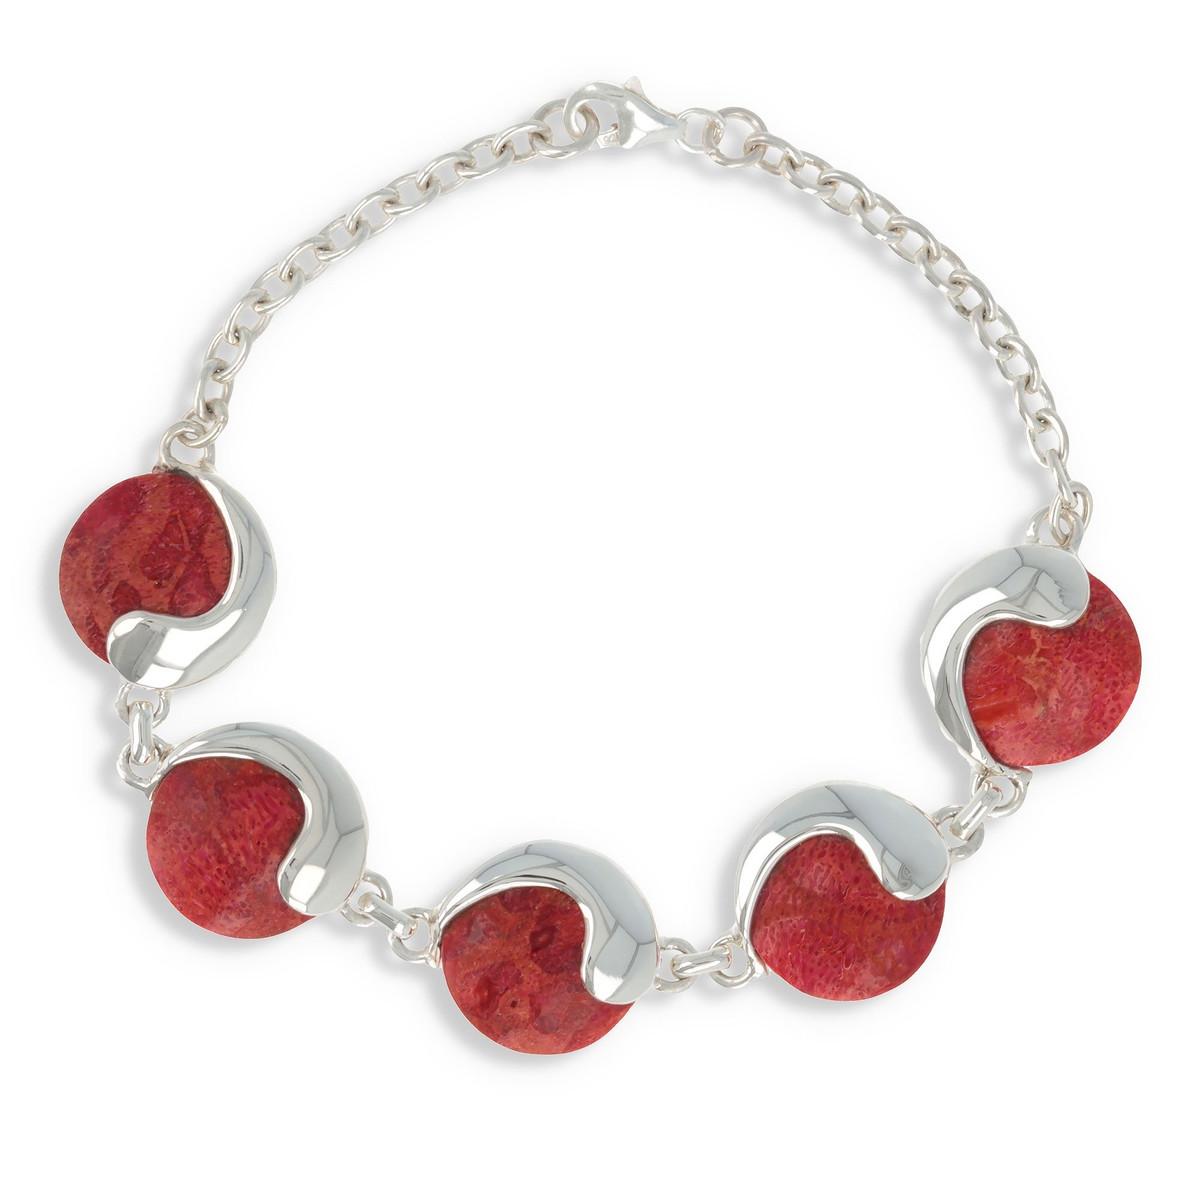 D Virgule Corail Femme Cabochons Ponctués D'une De Bracelet Pour 5 mvN8yPOn0w